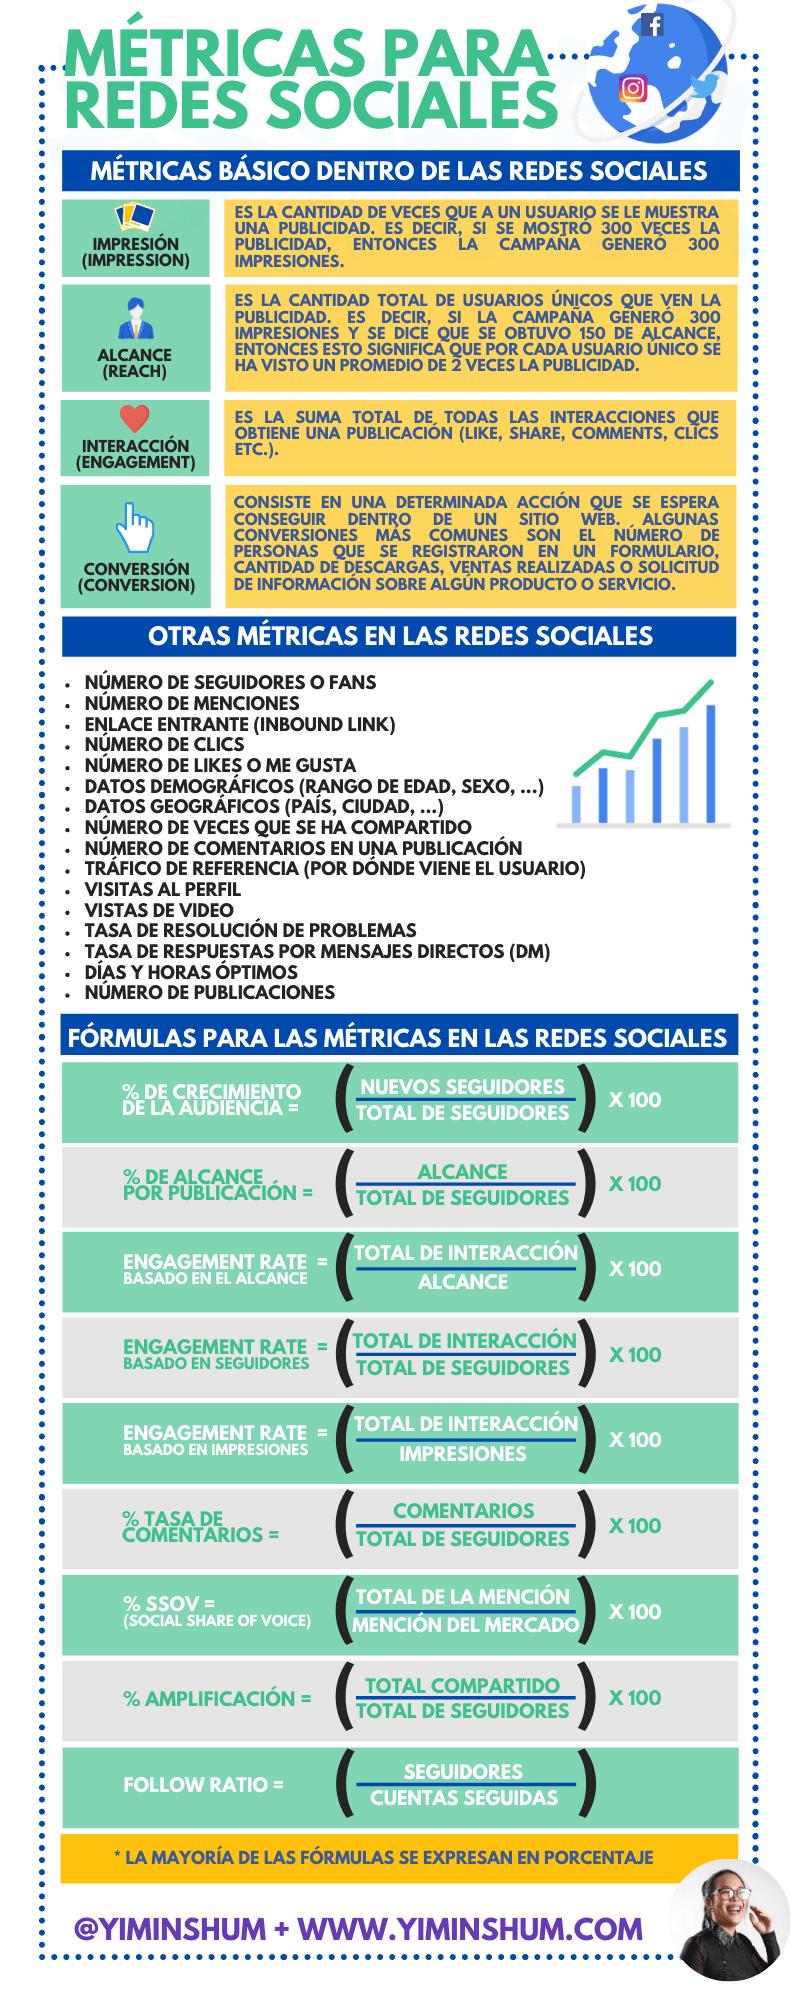 Métricas para Redes Sociales #infografia #infographic #socialmedia